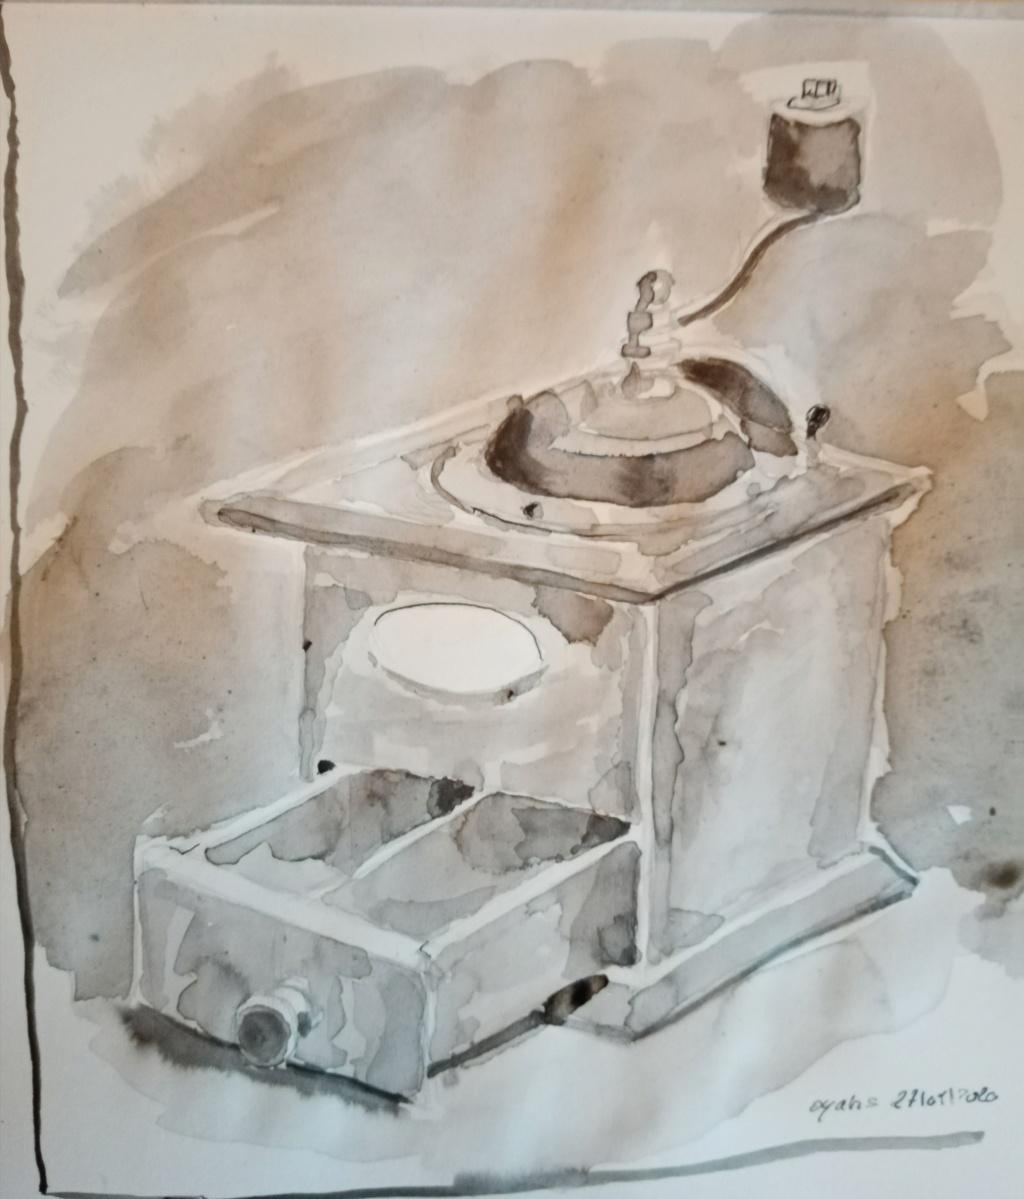 un de mes tableaux - Page 17 Img_2077